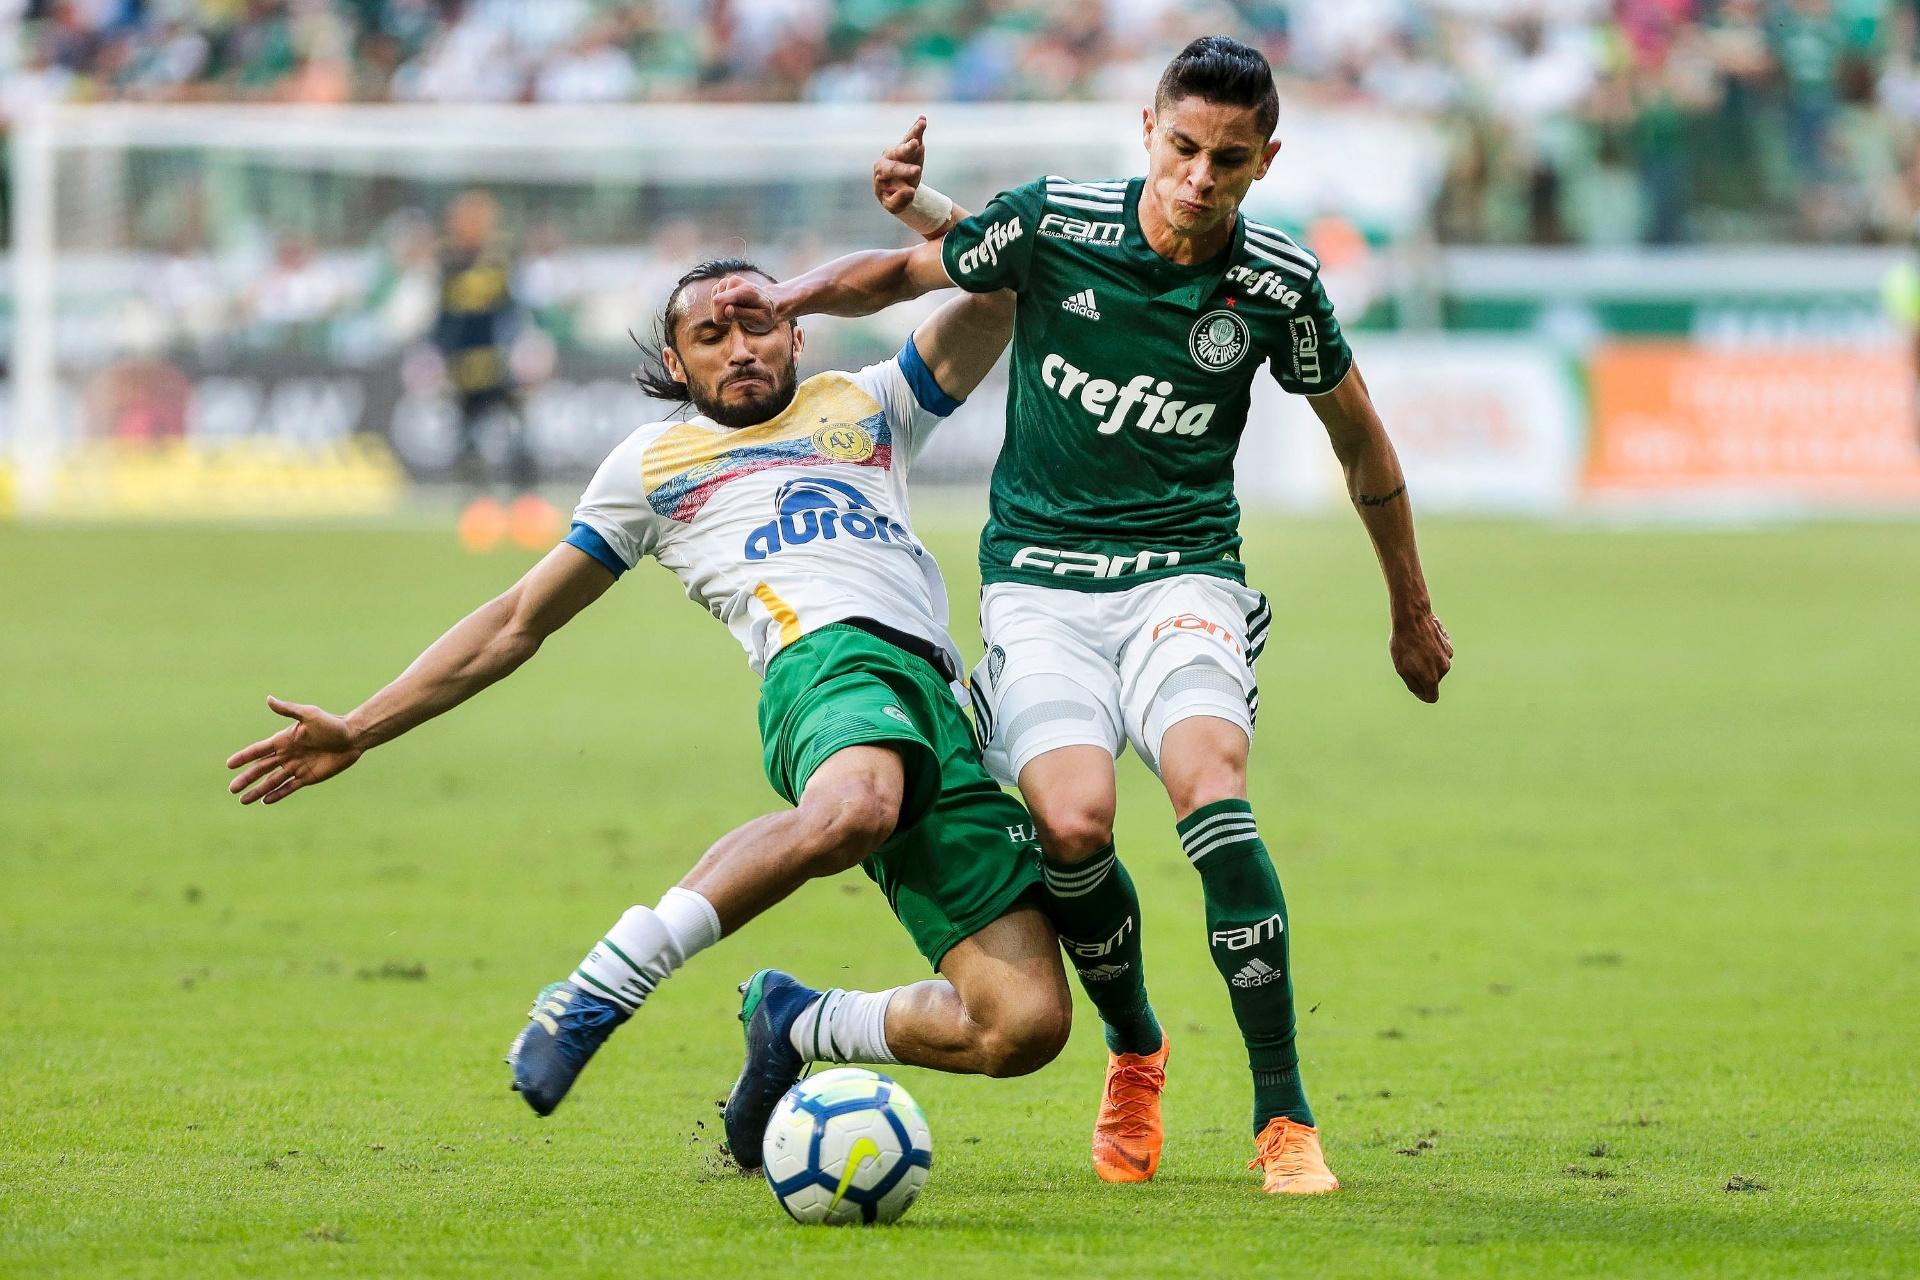 Palmeiras para na retranca e no goleiro da Chape e só empata no Allianz -  29 04 2018 - UOL Esporte be48d63f4316e